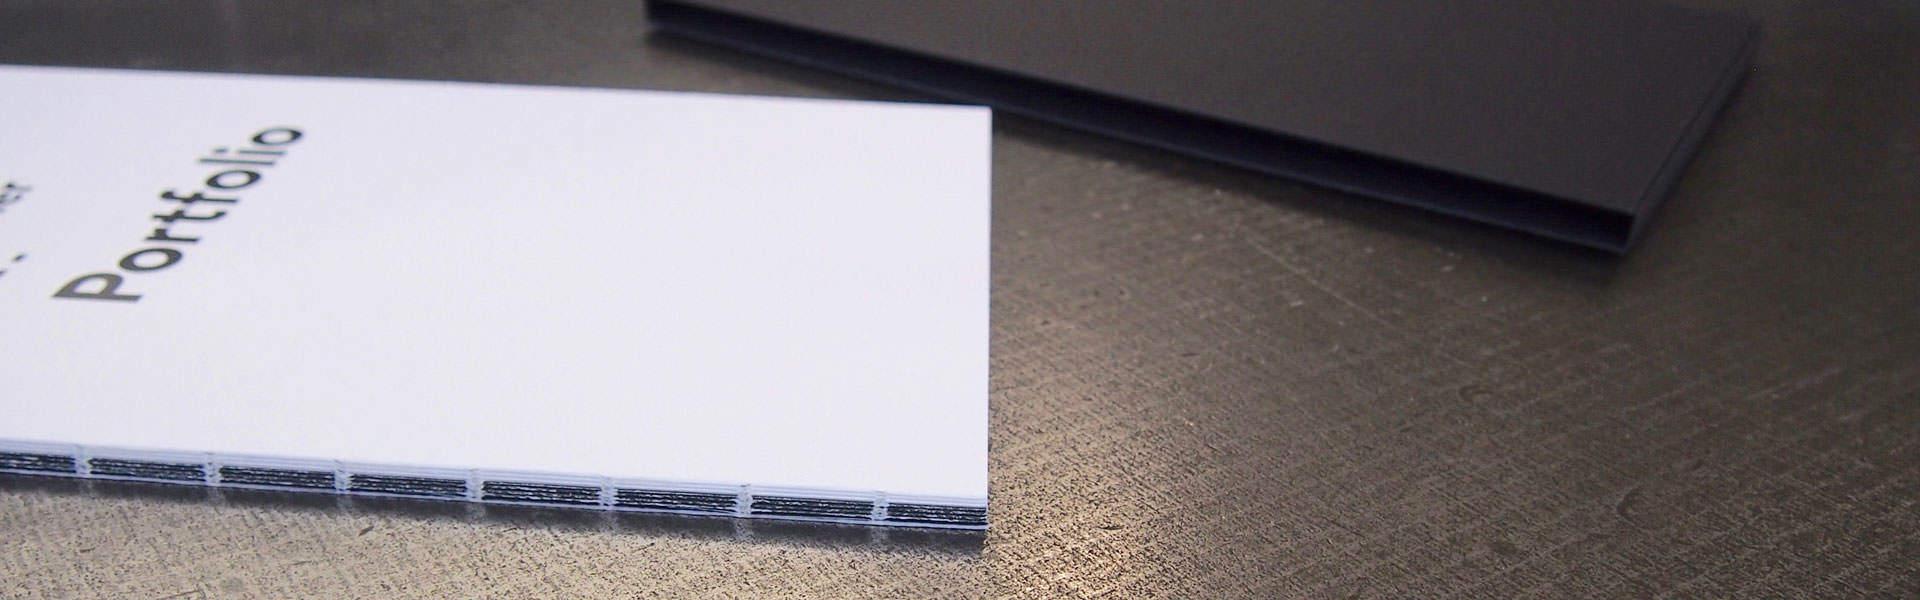 Portfolio - Buchbinderei Papierhandwerk